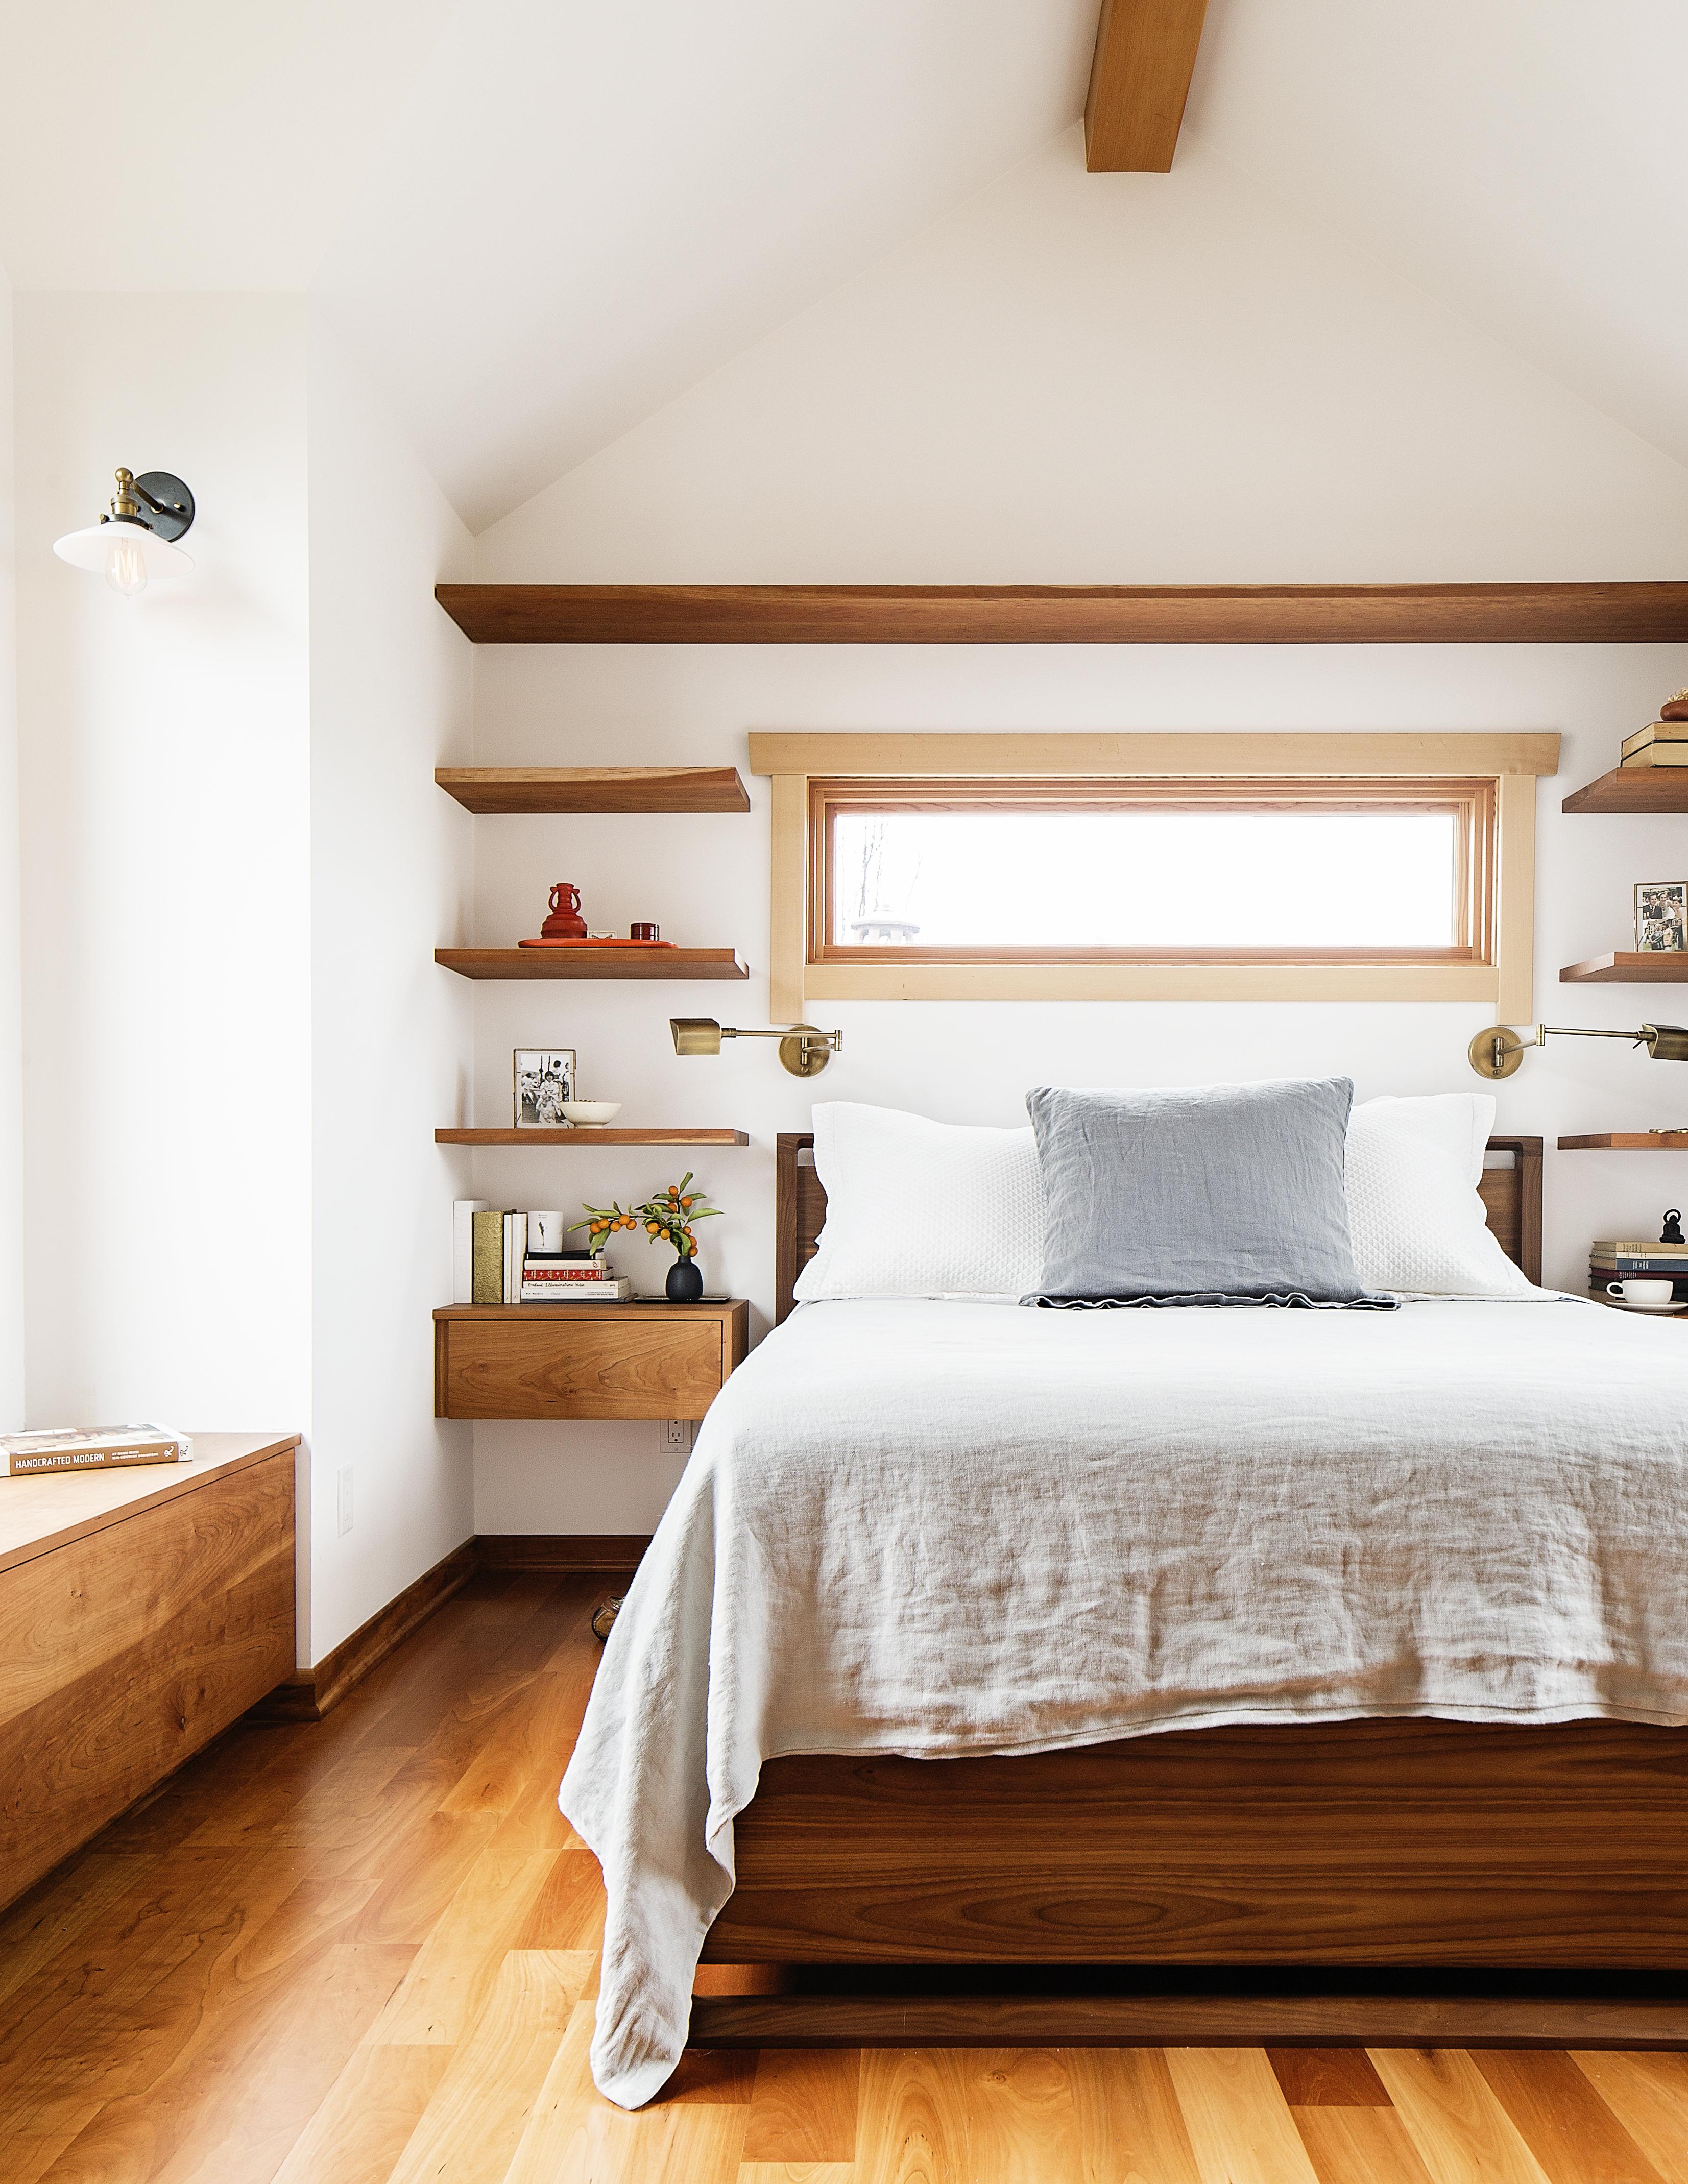 pinterest de pin cama bed colores palets unique frames cabecero con muebles